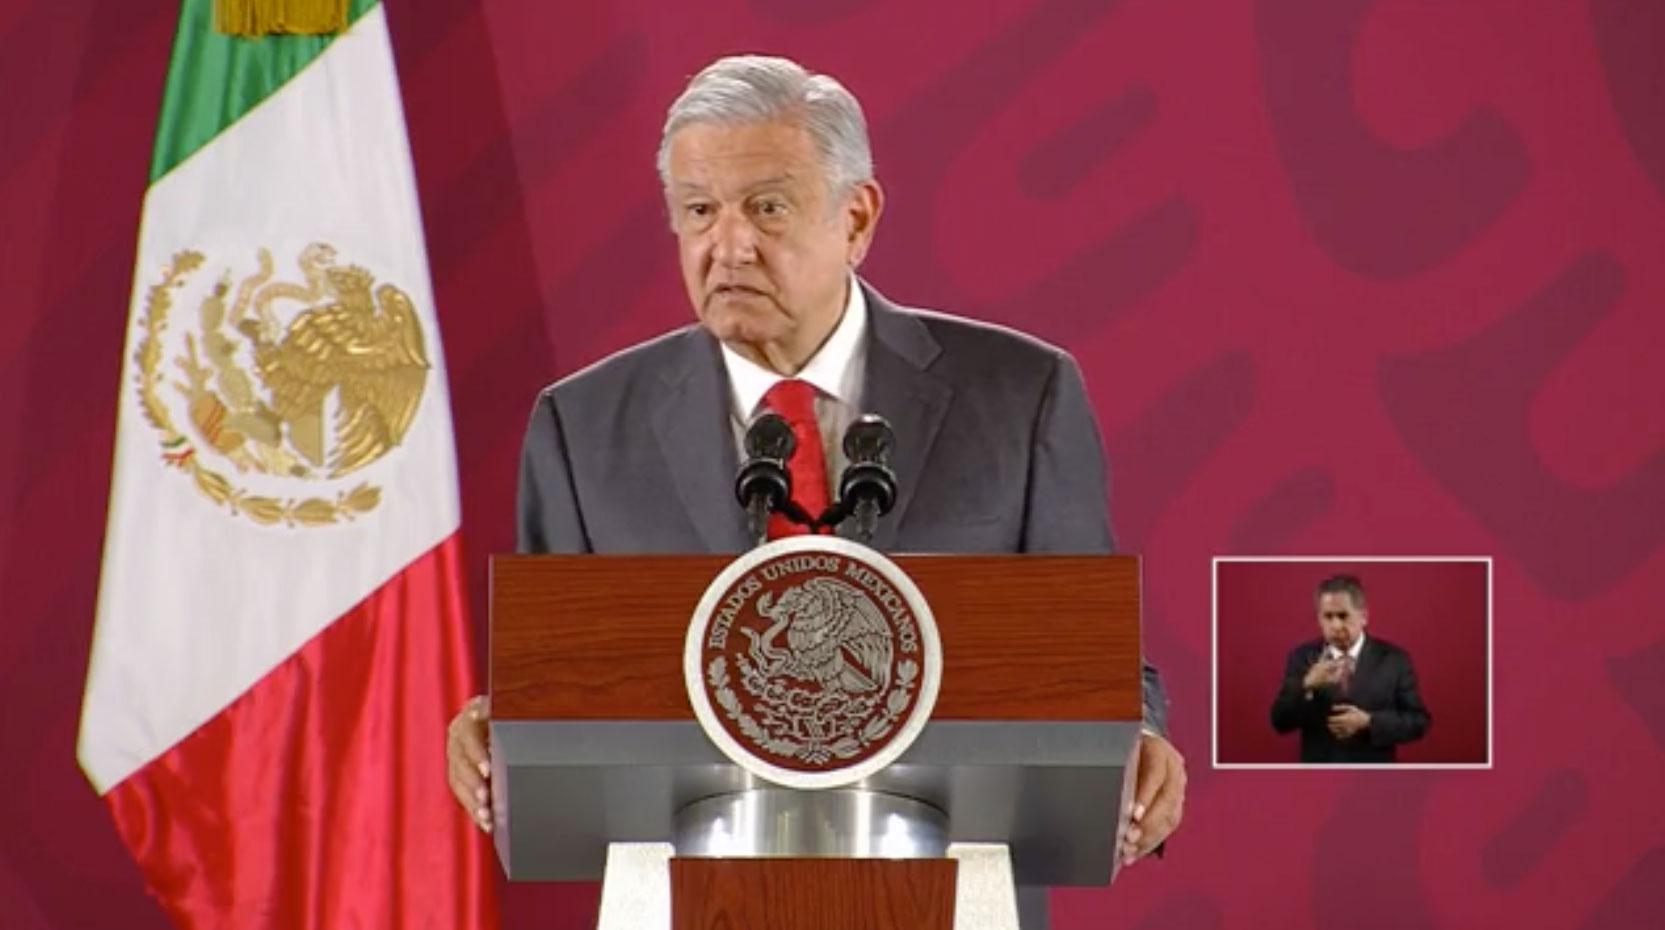 Durante su conferencia de prensa matutina, el presidente, Andrés Manuel López Obrador anunció que los restos del cantante José José, serán trasladados a México por un avión de la Fuerza Aérea.